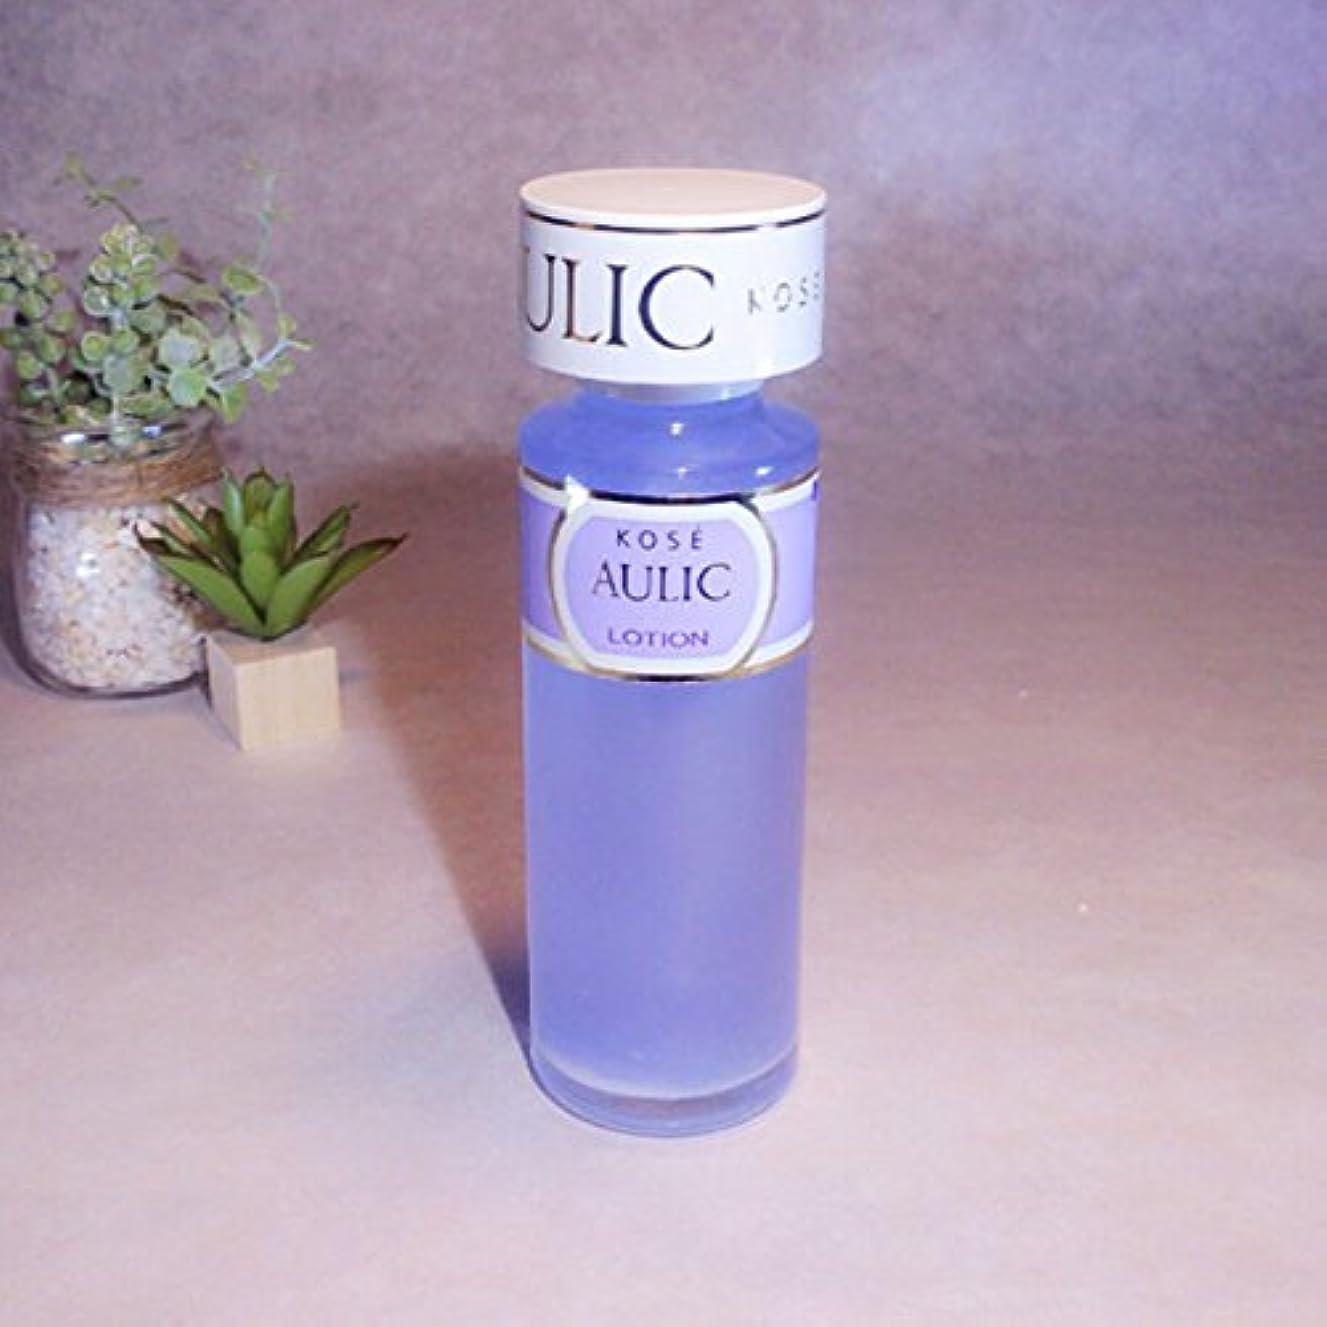 住むスラムエゴイズムコーセー オーリック 化粧水(アレ性用) 140ml